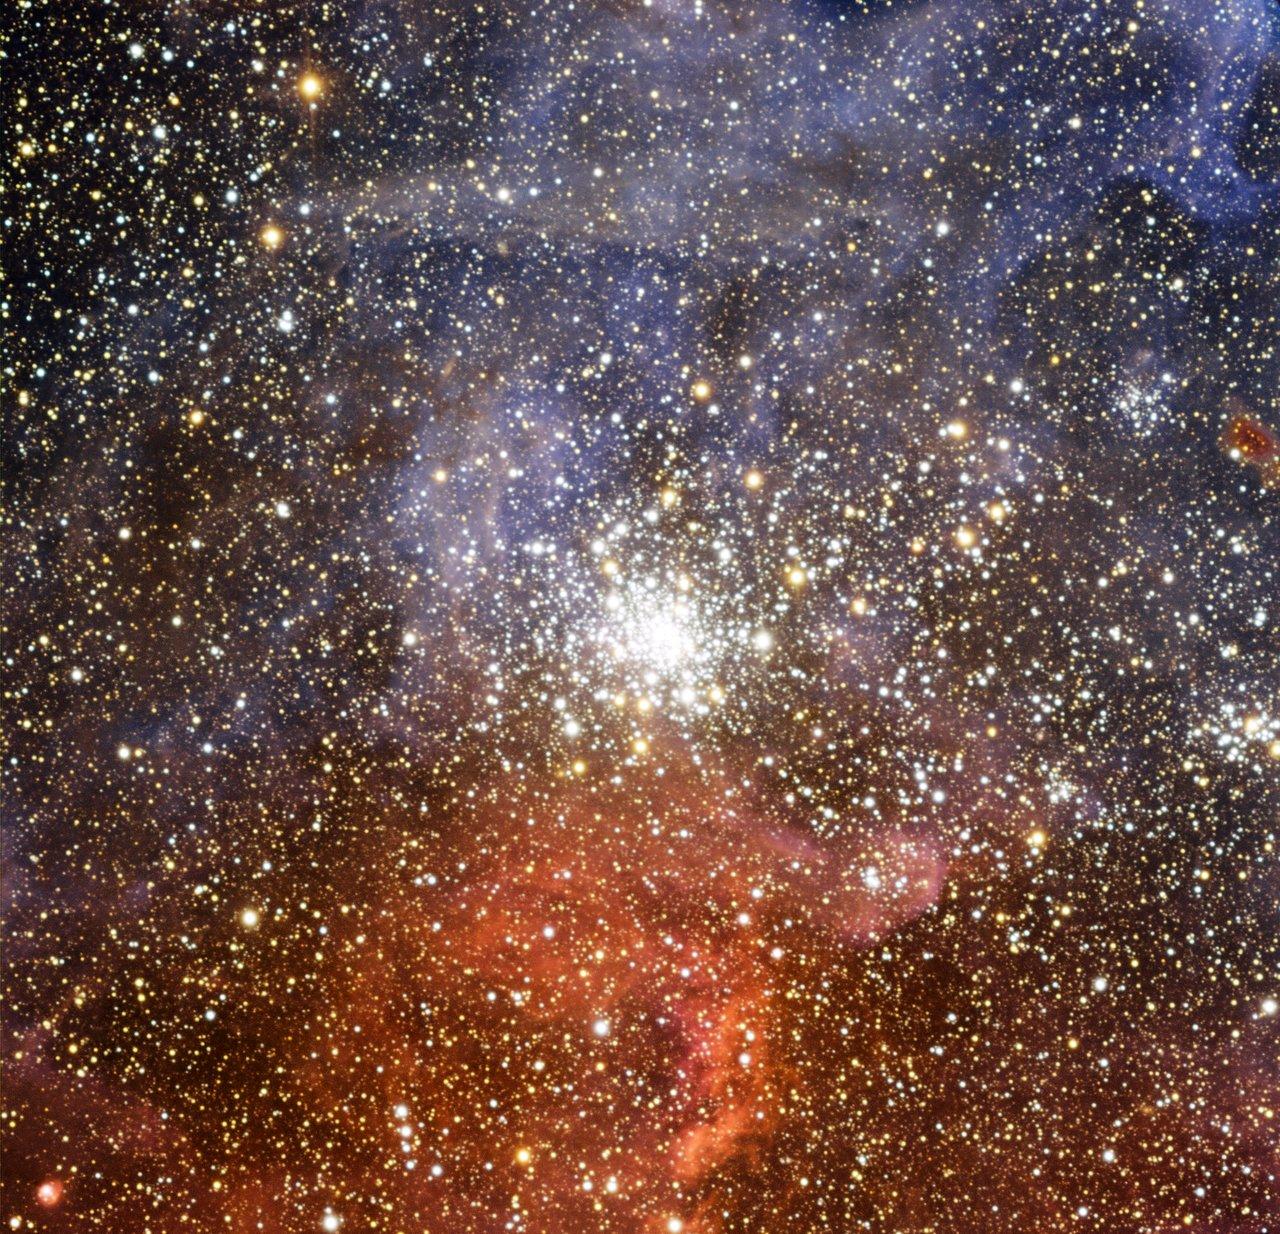 El cúmulo de estrellas NGC 2100 en la Gran Nube de Magallanes